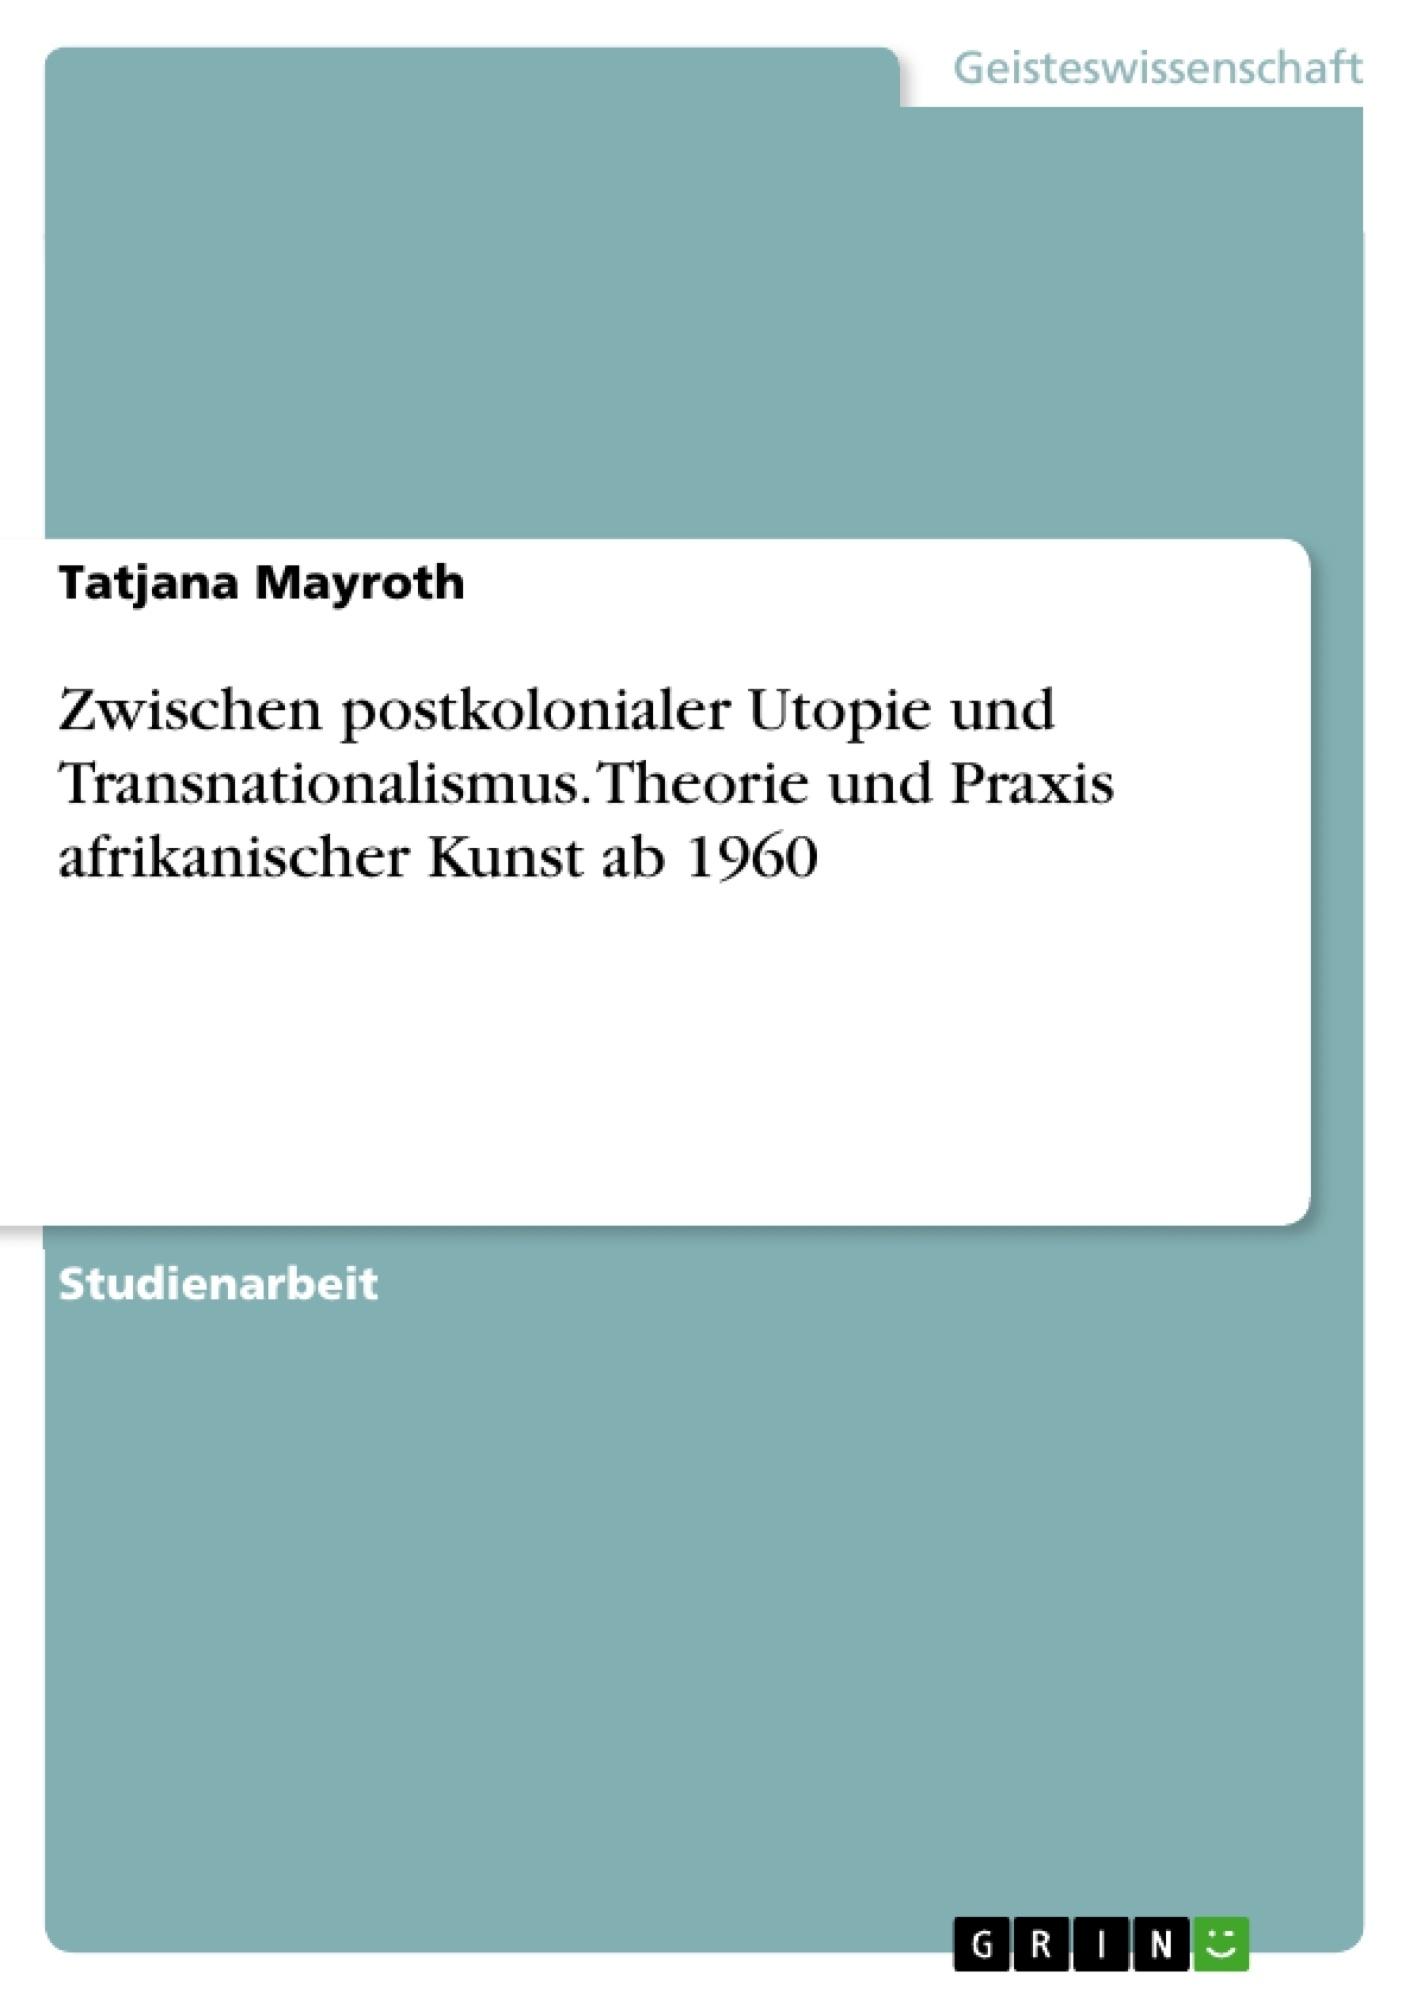 Titel: Zwischen postkolonialer Utopie und Transnationalismus. Theorie und Praxis afrikanischer Kunst ab 1960